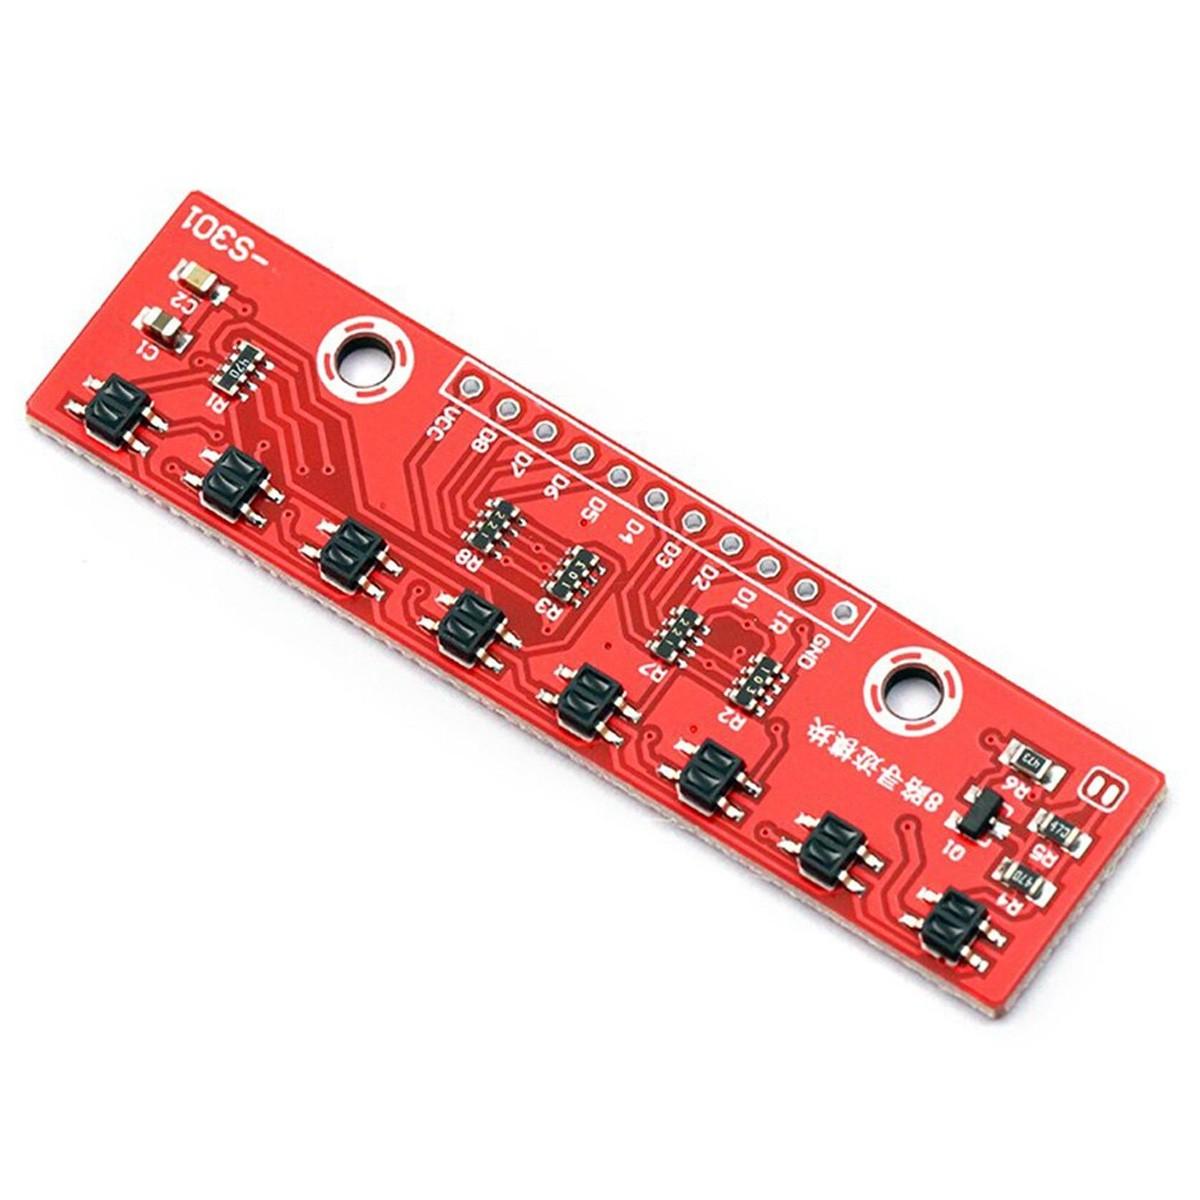 Sensor de Refletância Digital Similar QTR-8RC com 8 Sensores Infravermelhos de Linha